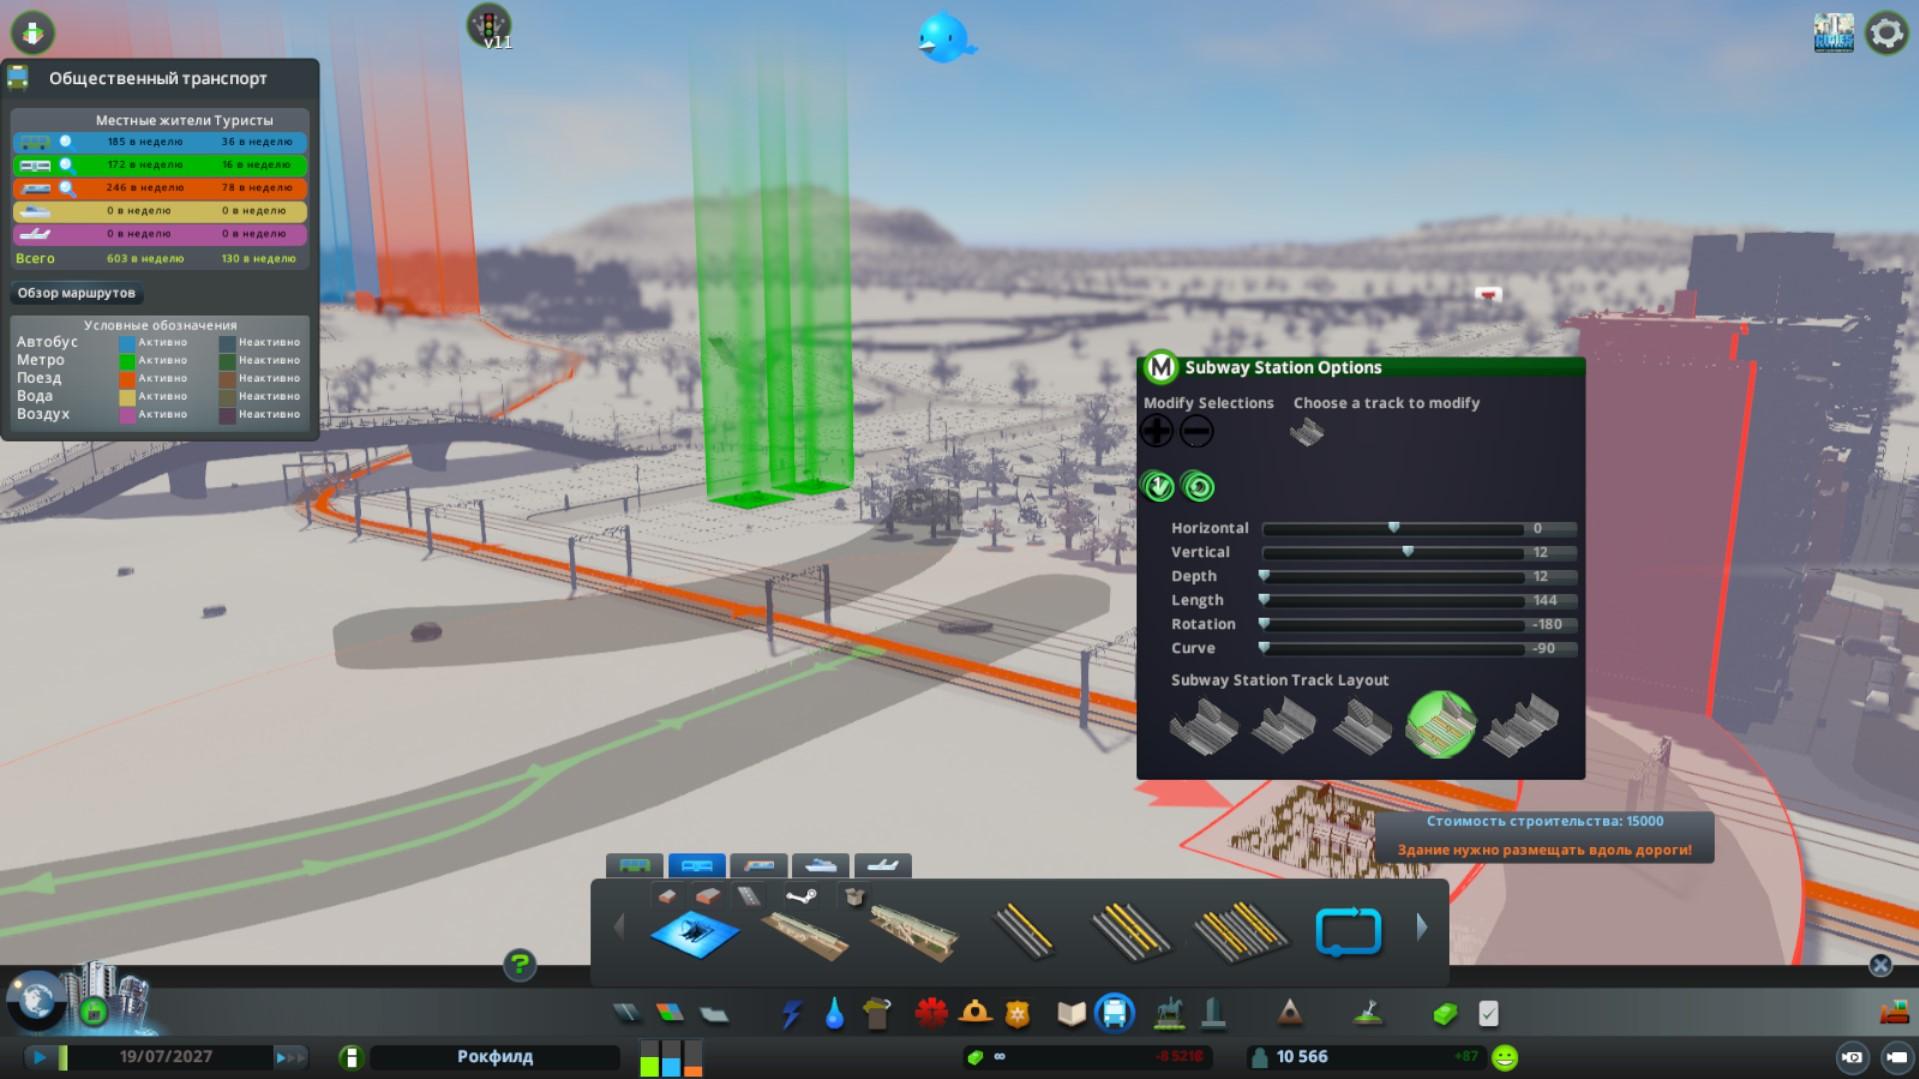 Прокладывайте несколько станций cities skyline